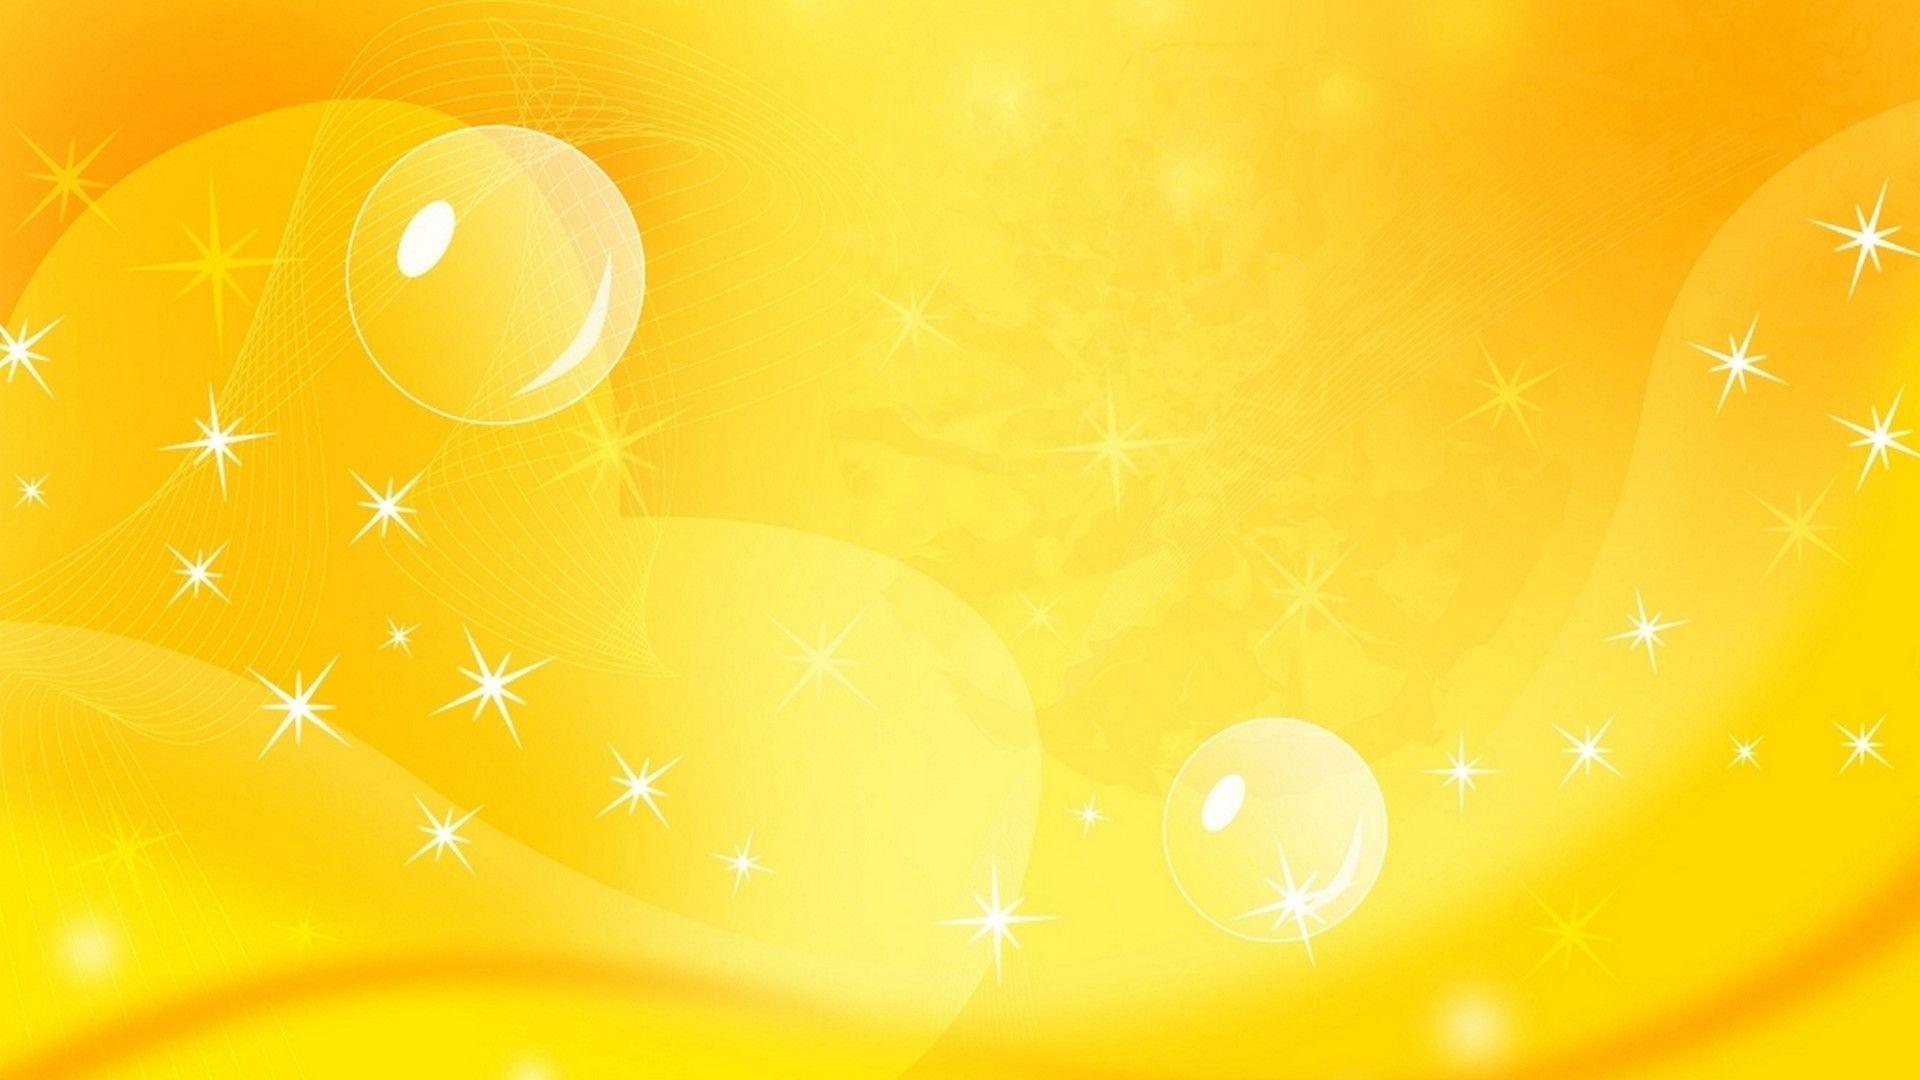 Yellow Colour Desktop Backgrounds Hd Best Wallpaper Hd Yellow